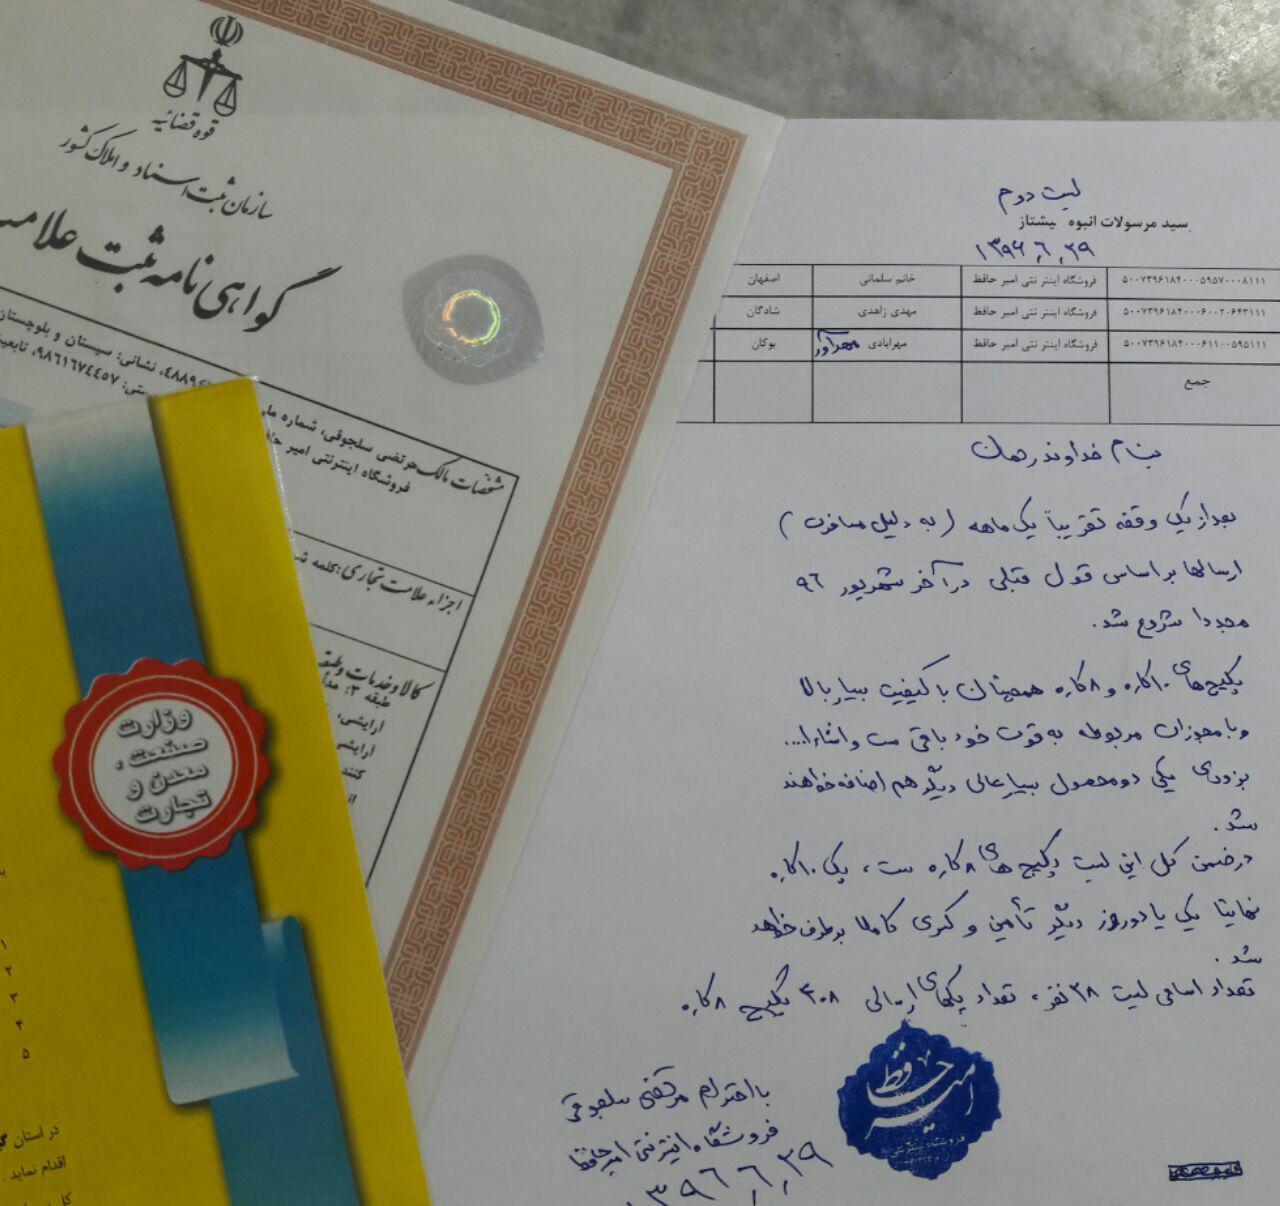 عکس مجوزهای پکیج های شمعدانی